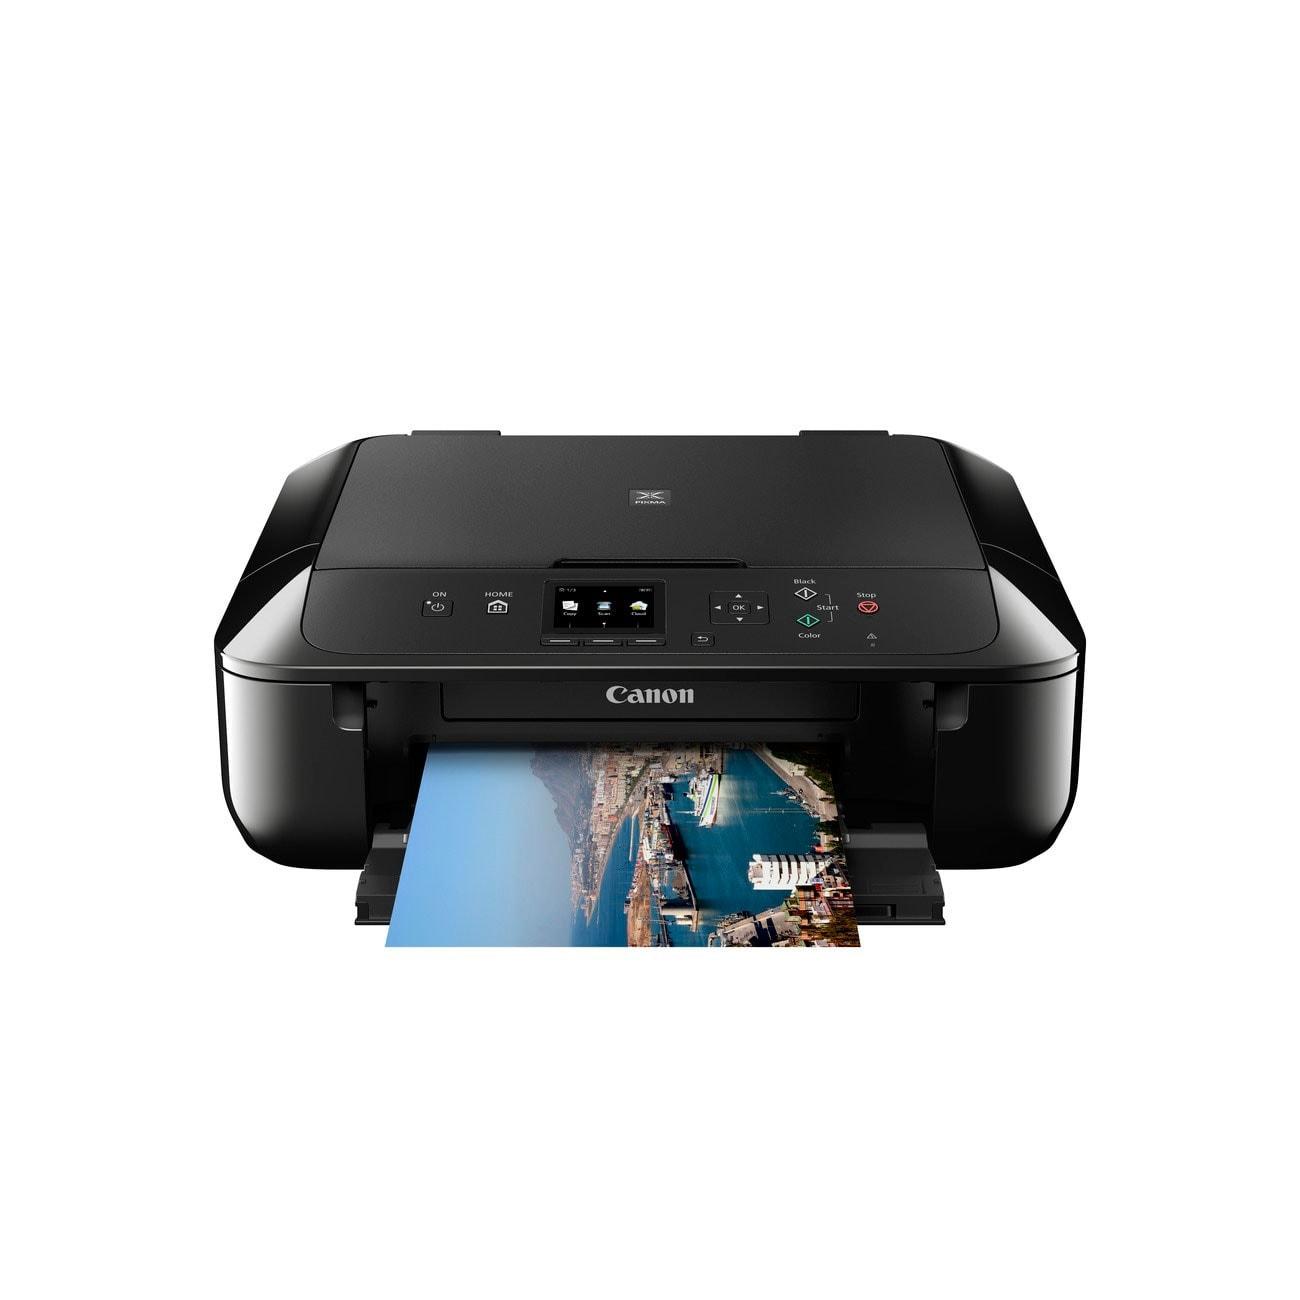 Canon PIXMA MG5750 Noire (0557C006) - Achat / Vente Imprimante Multifonction sur Cybertek.fr - 3